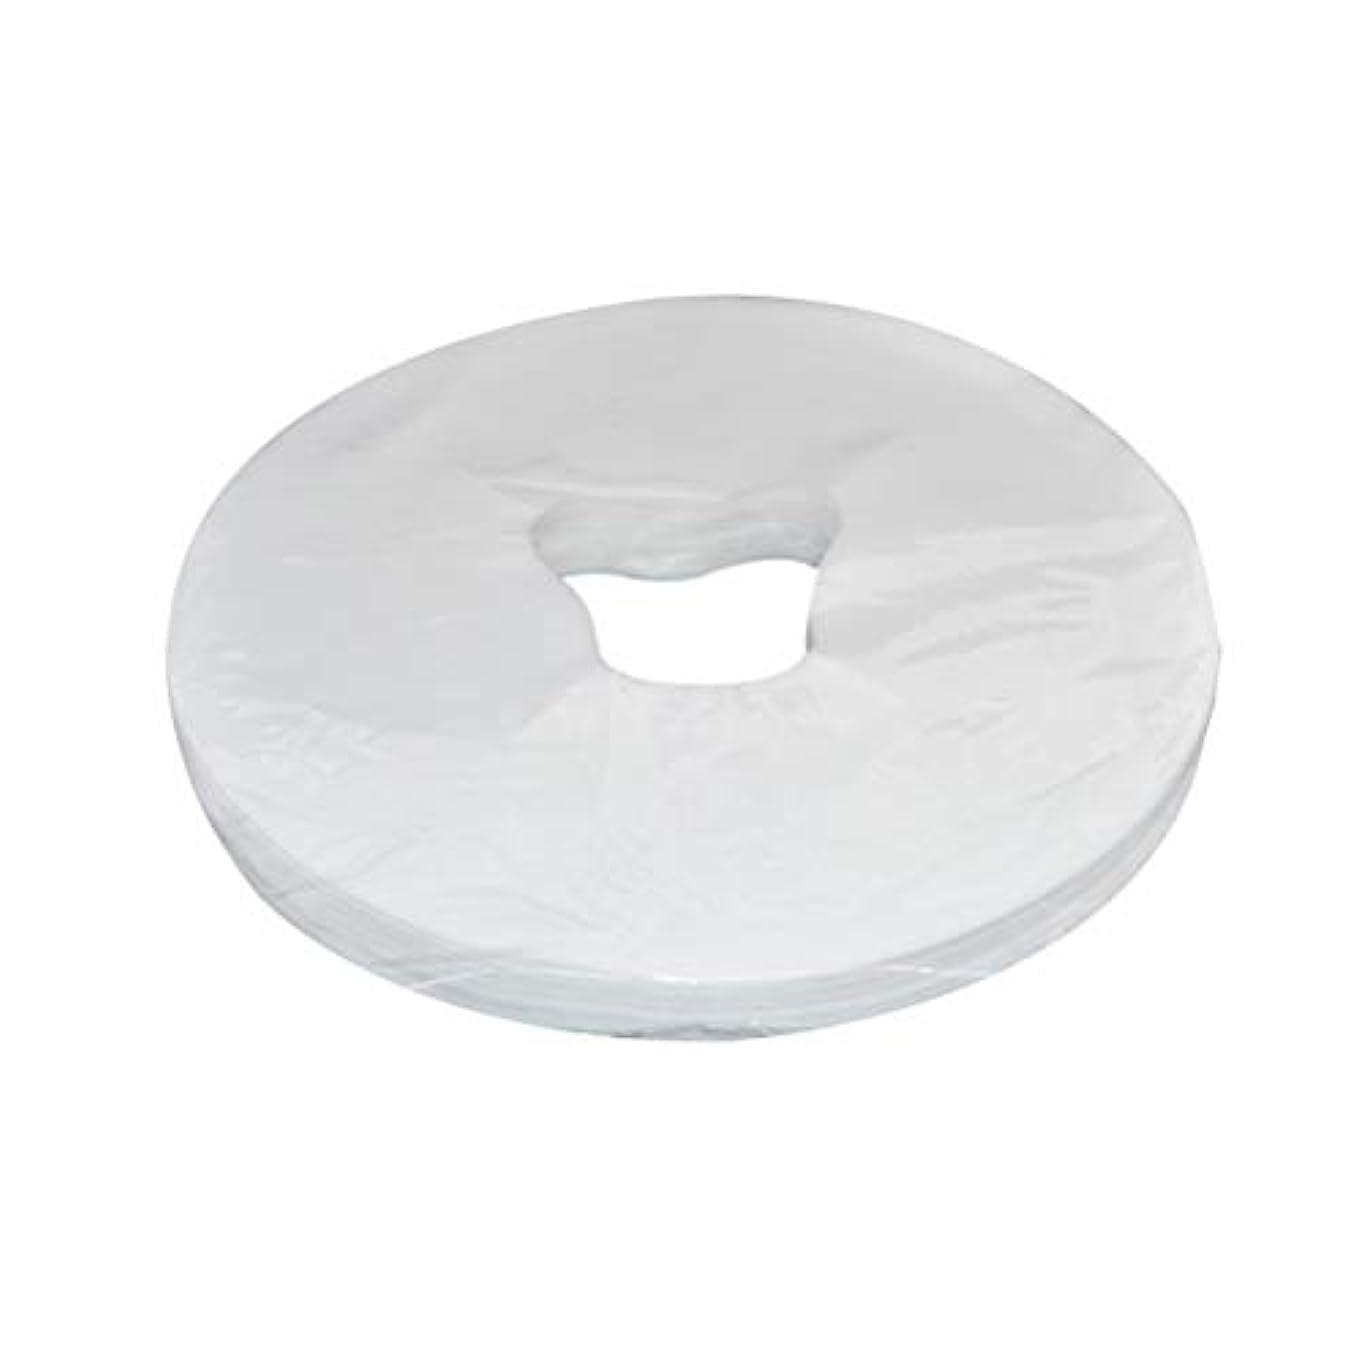 花瓶群衆予測Healifty 29x28cm使い捨てフェイスマッサージカバーフェイスホールピローパッド100枚(ホワイト)